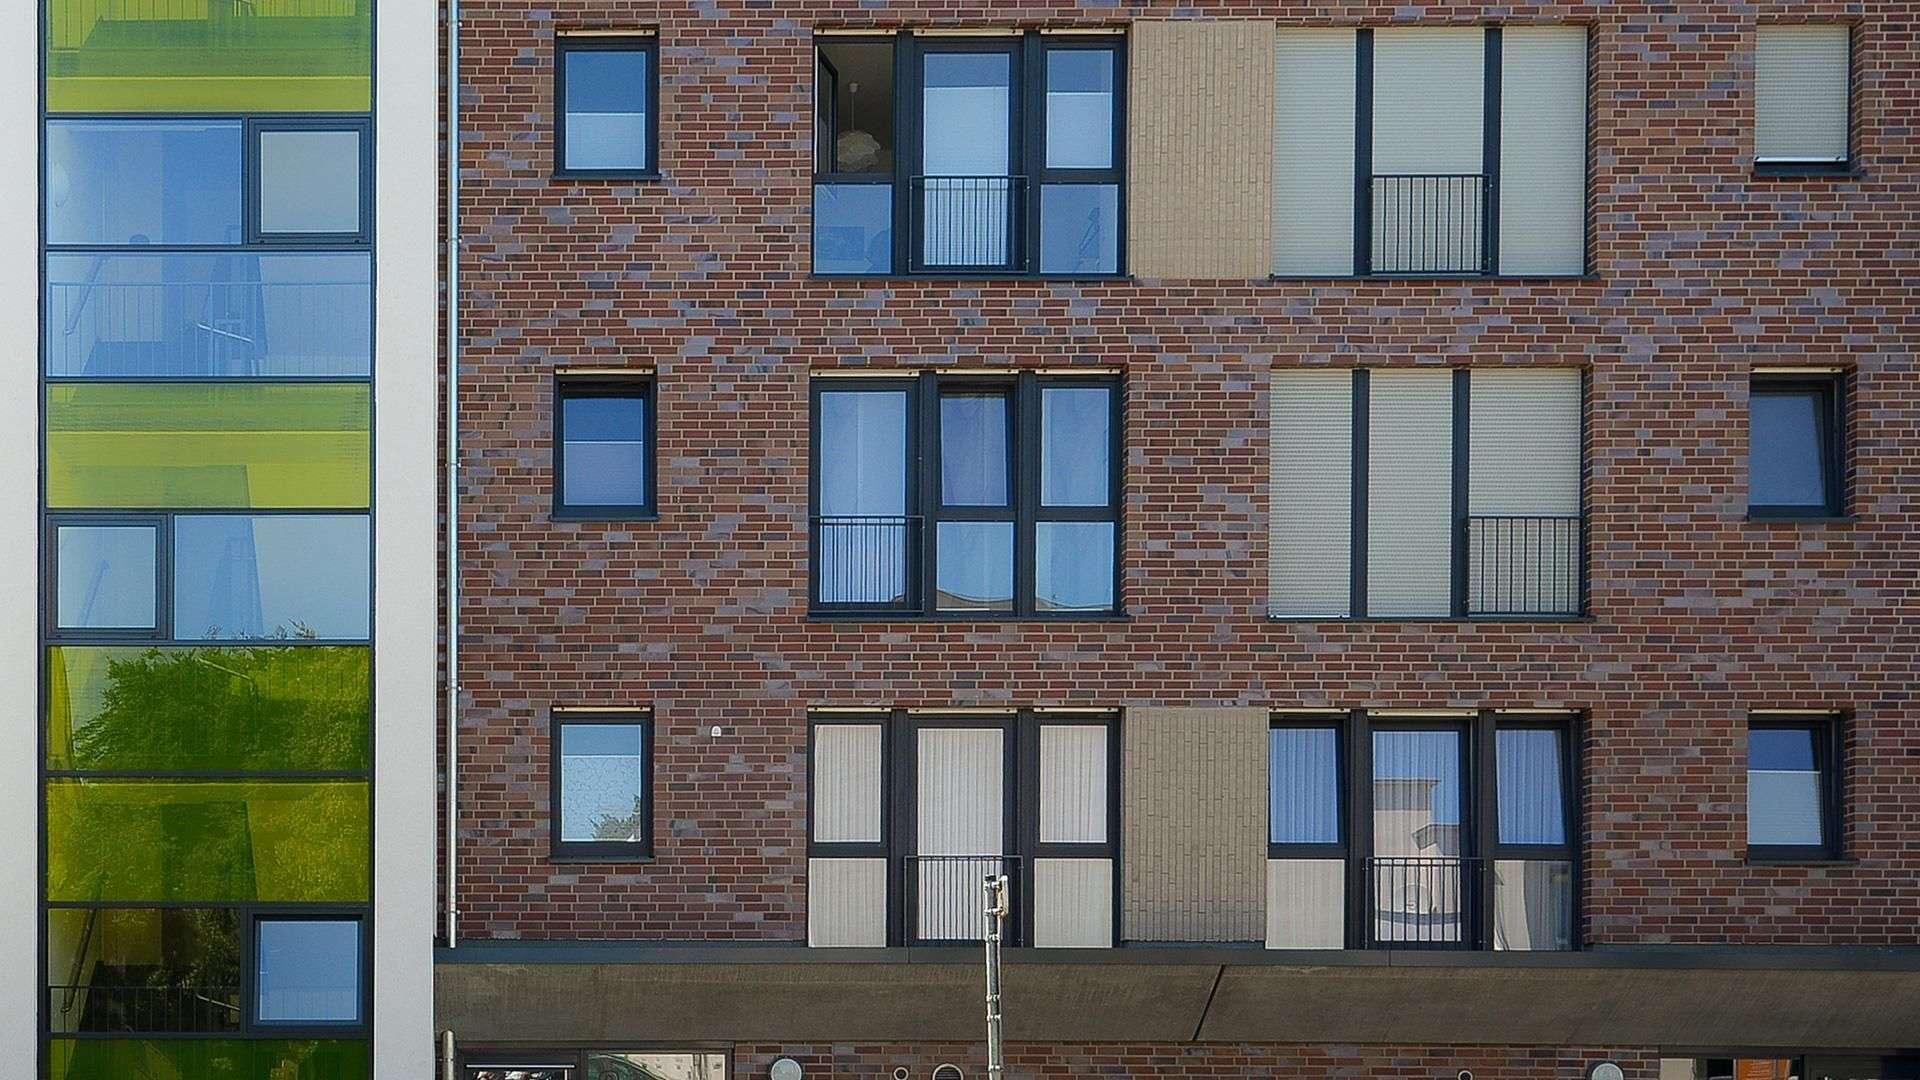 große Wohnanlage mit Fenstern mit französischem Balkon und Markisen